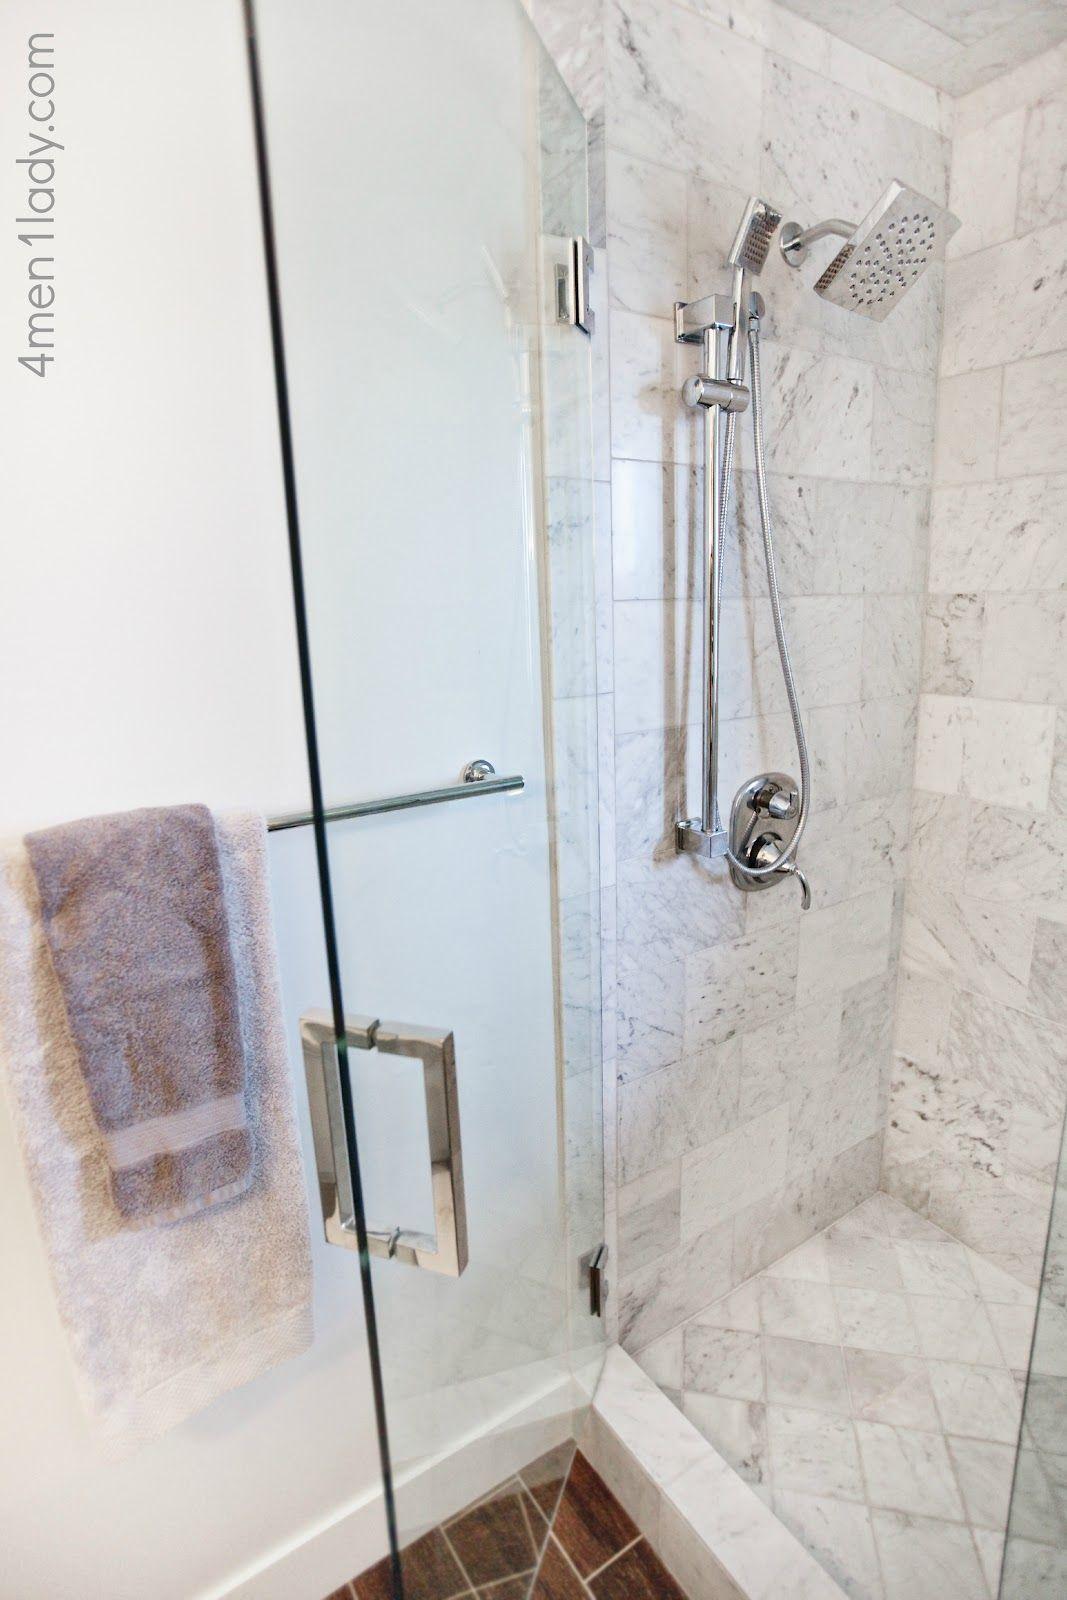 Shower tile: Honed carerra: Home Depot Shower faucet: Moen 4Men ...